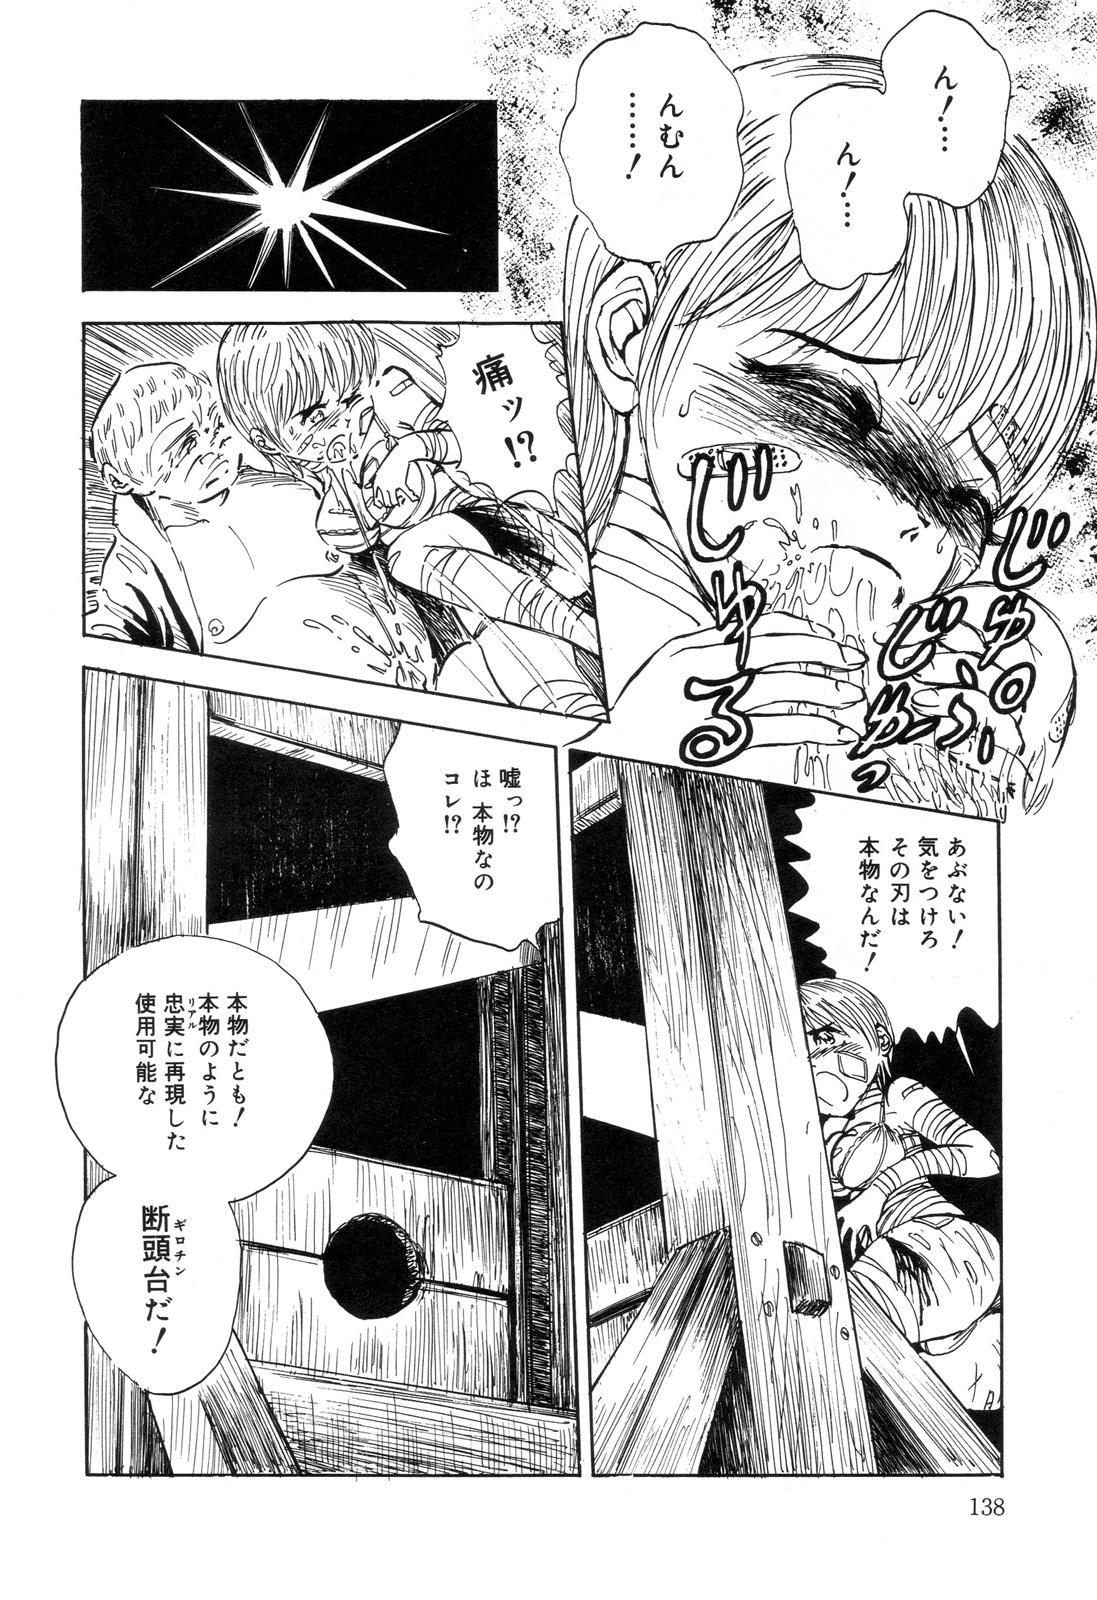 Zenchi Ikkagetsu no Onna 138